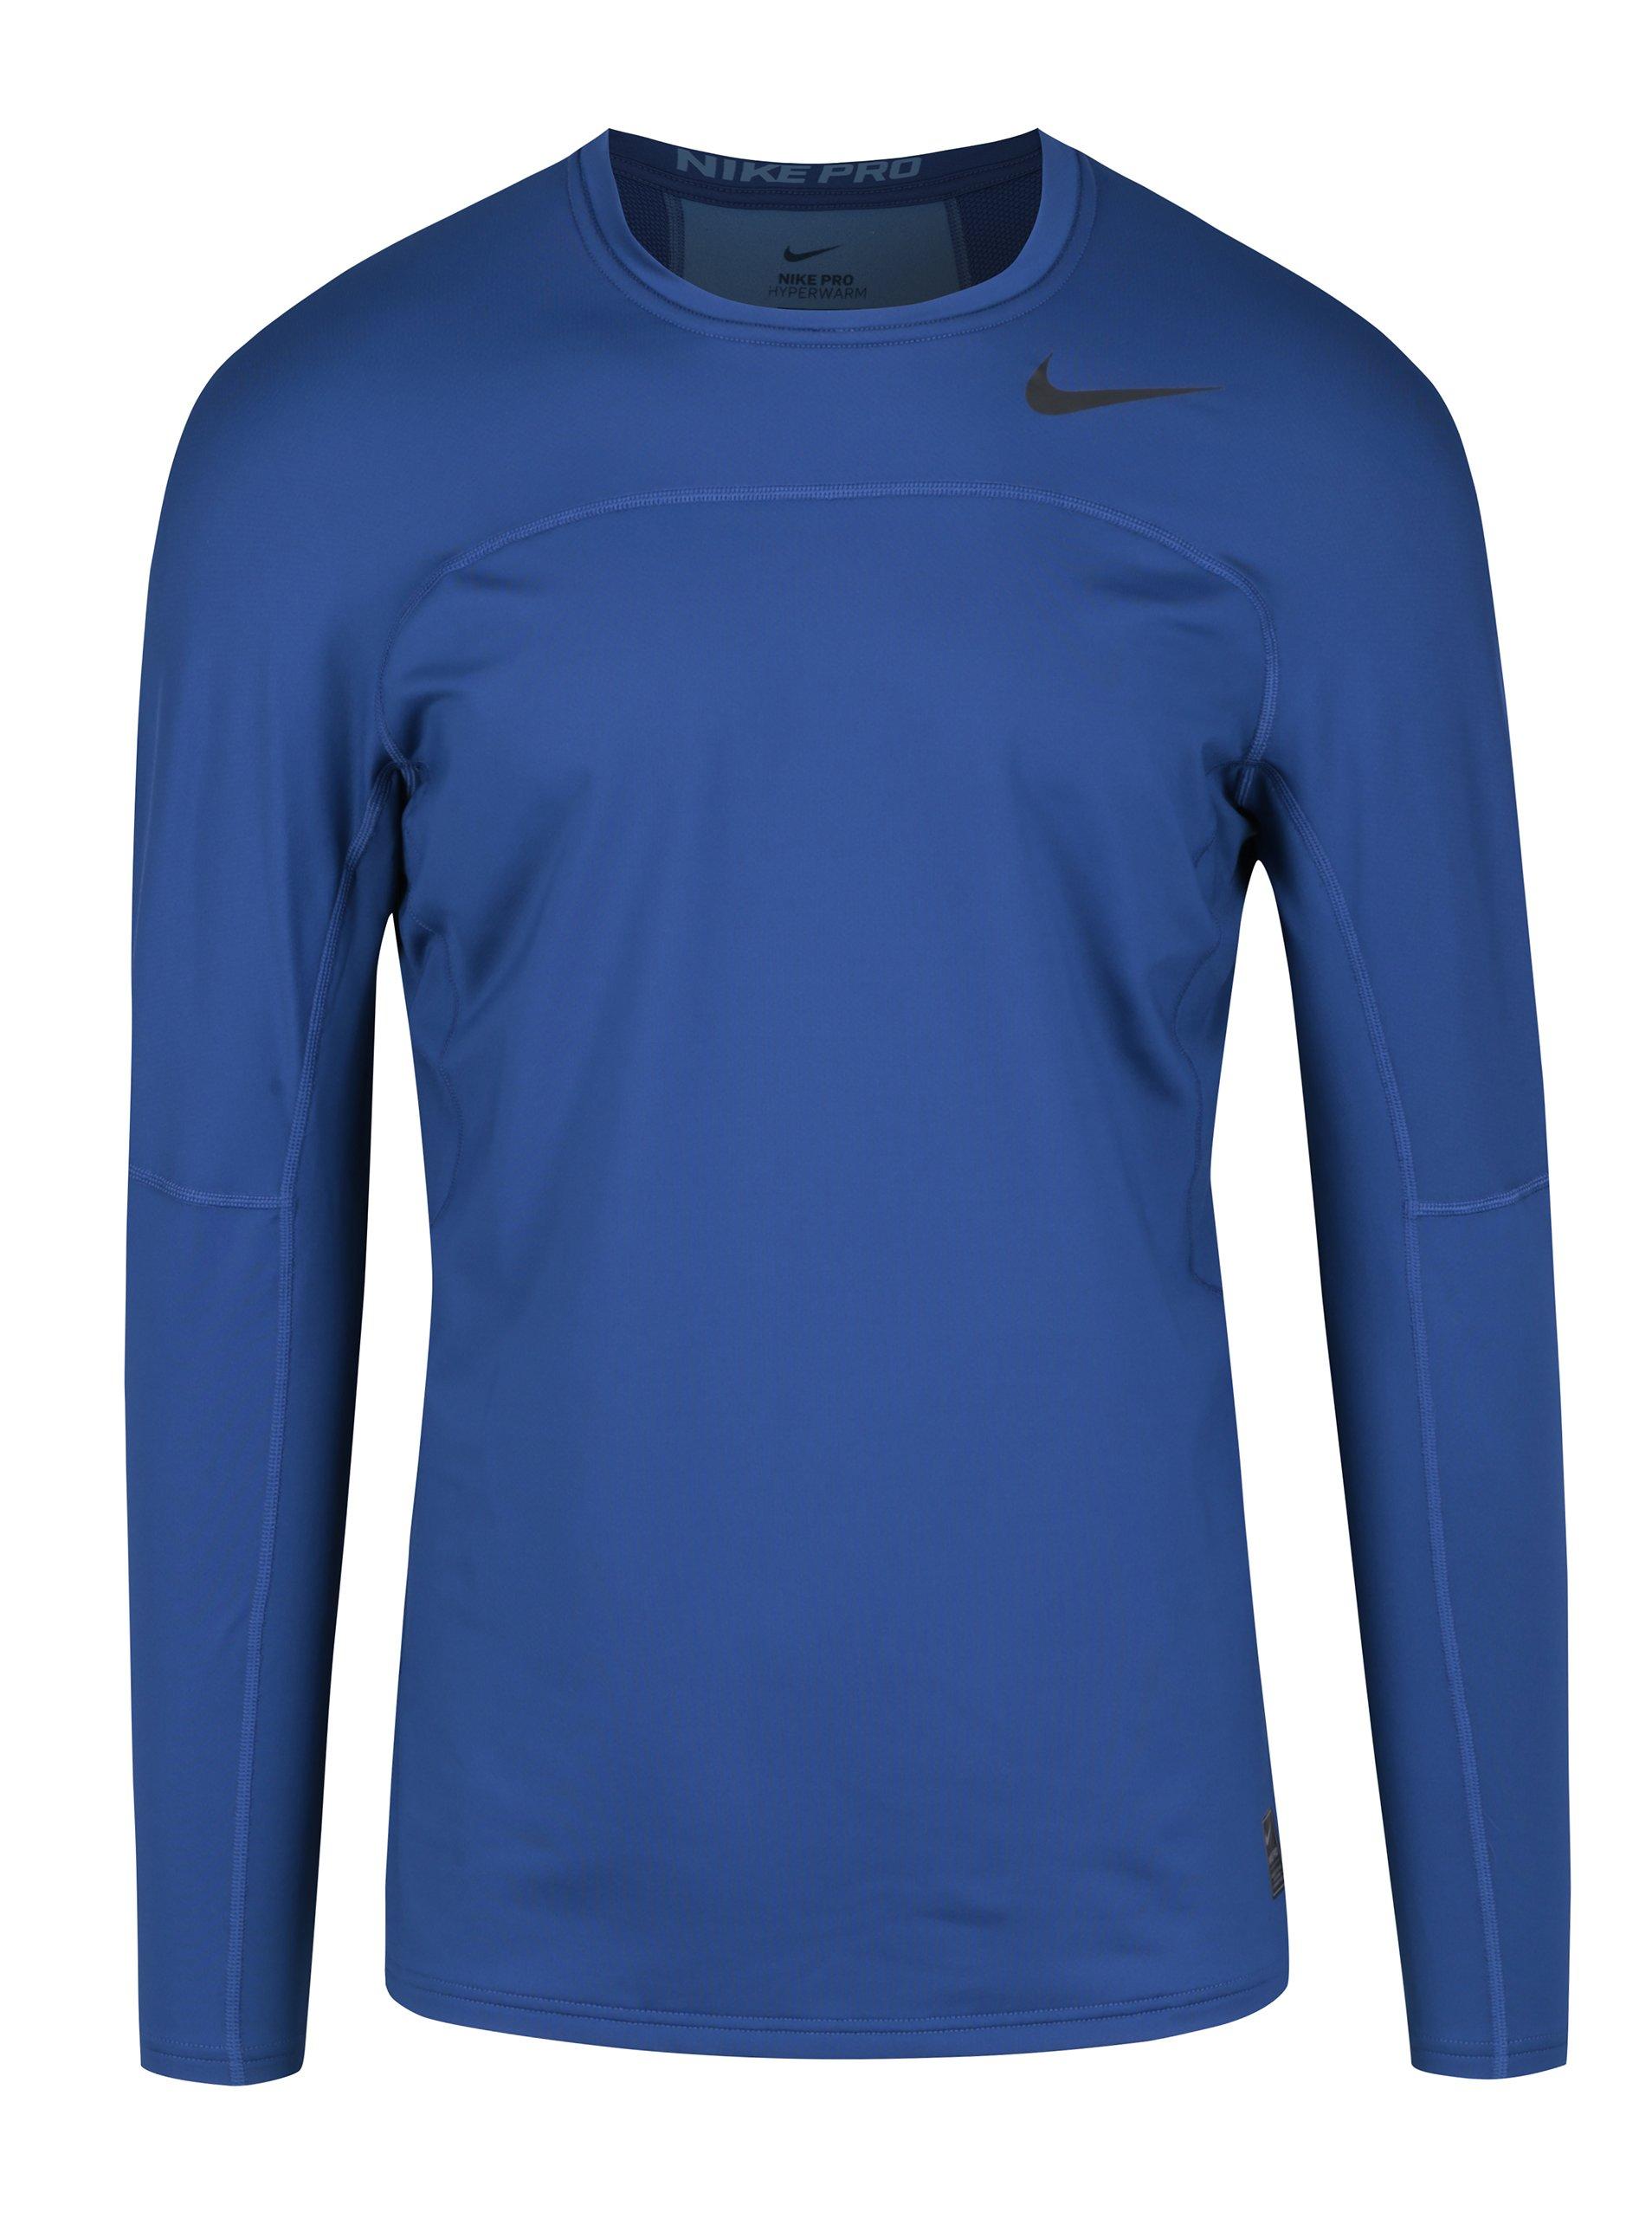 3b06521883e8 Tmavomodré pánske funkčné tričko s dlhým rukávom Nike